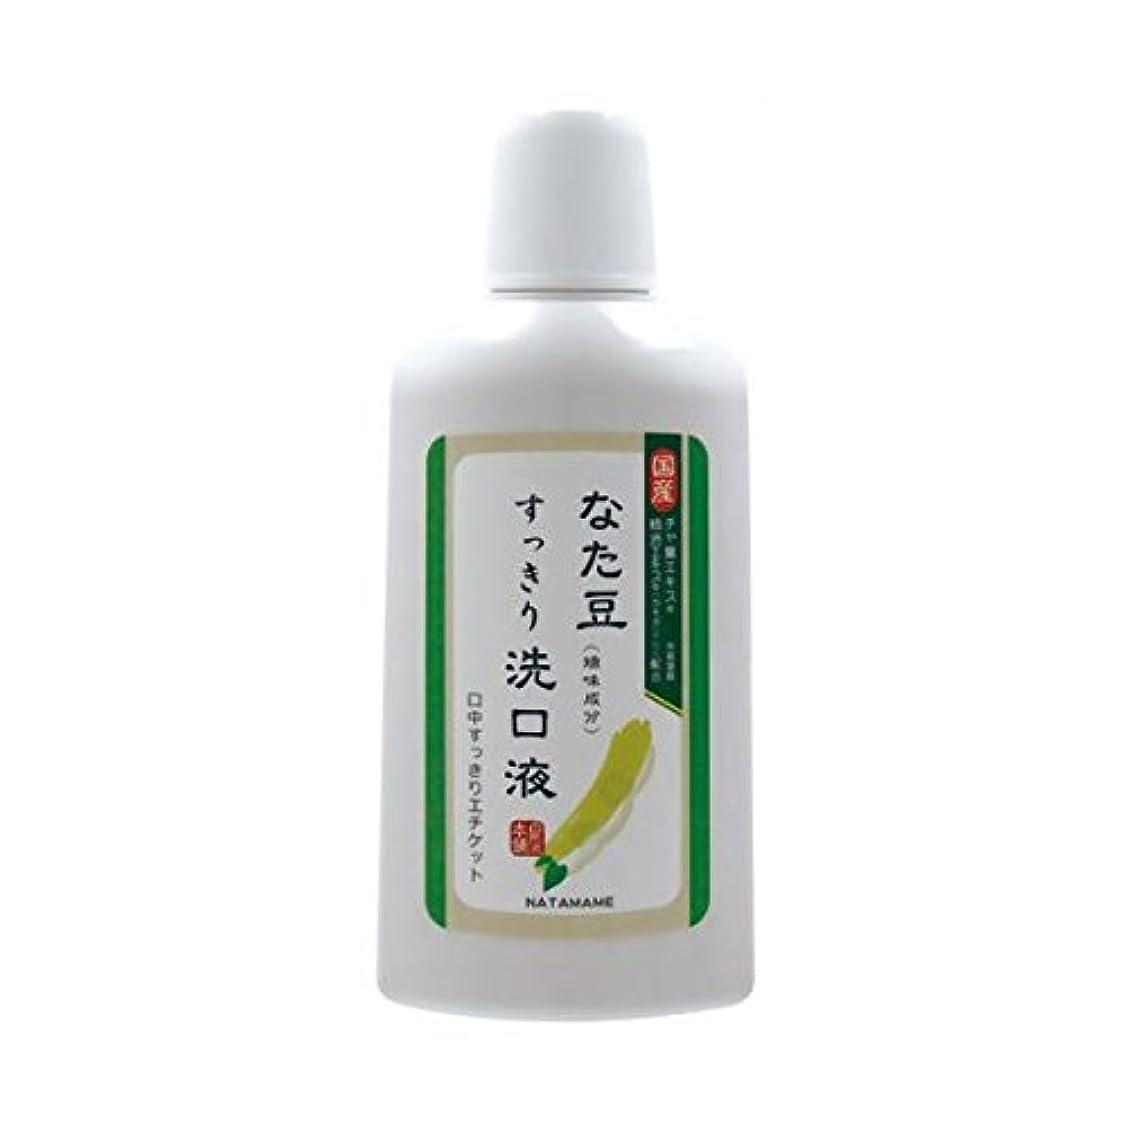 鮮やかな荒涼としたストローク《セット販売》 なた豆すっきり洗口液 なた豆 洗口液 (500ml)×2個セット